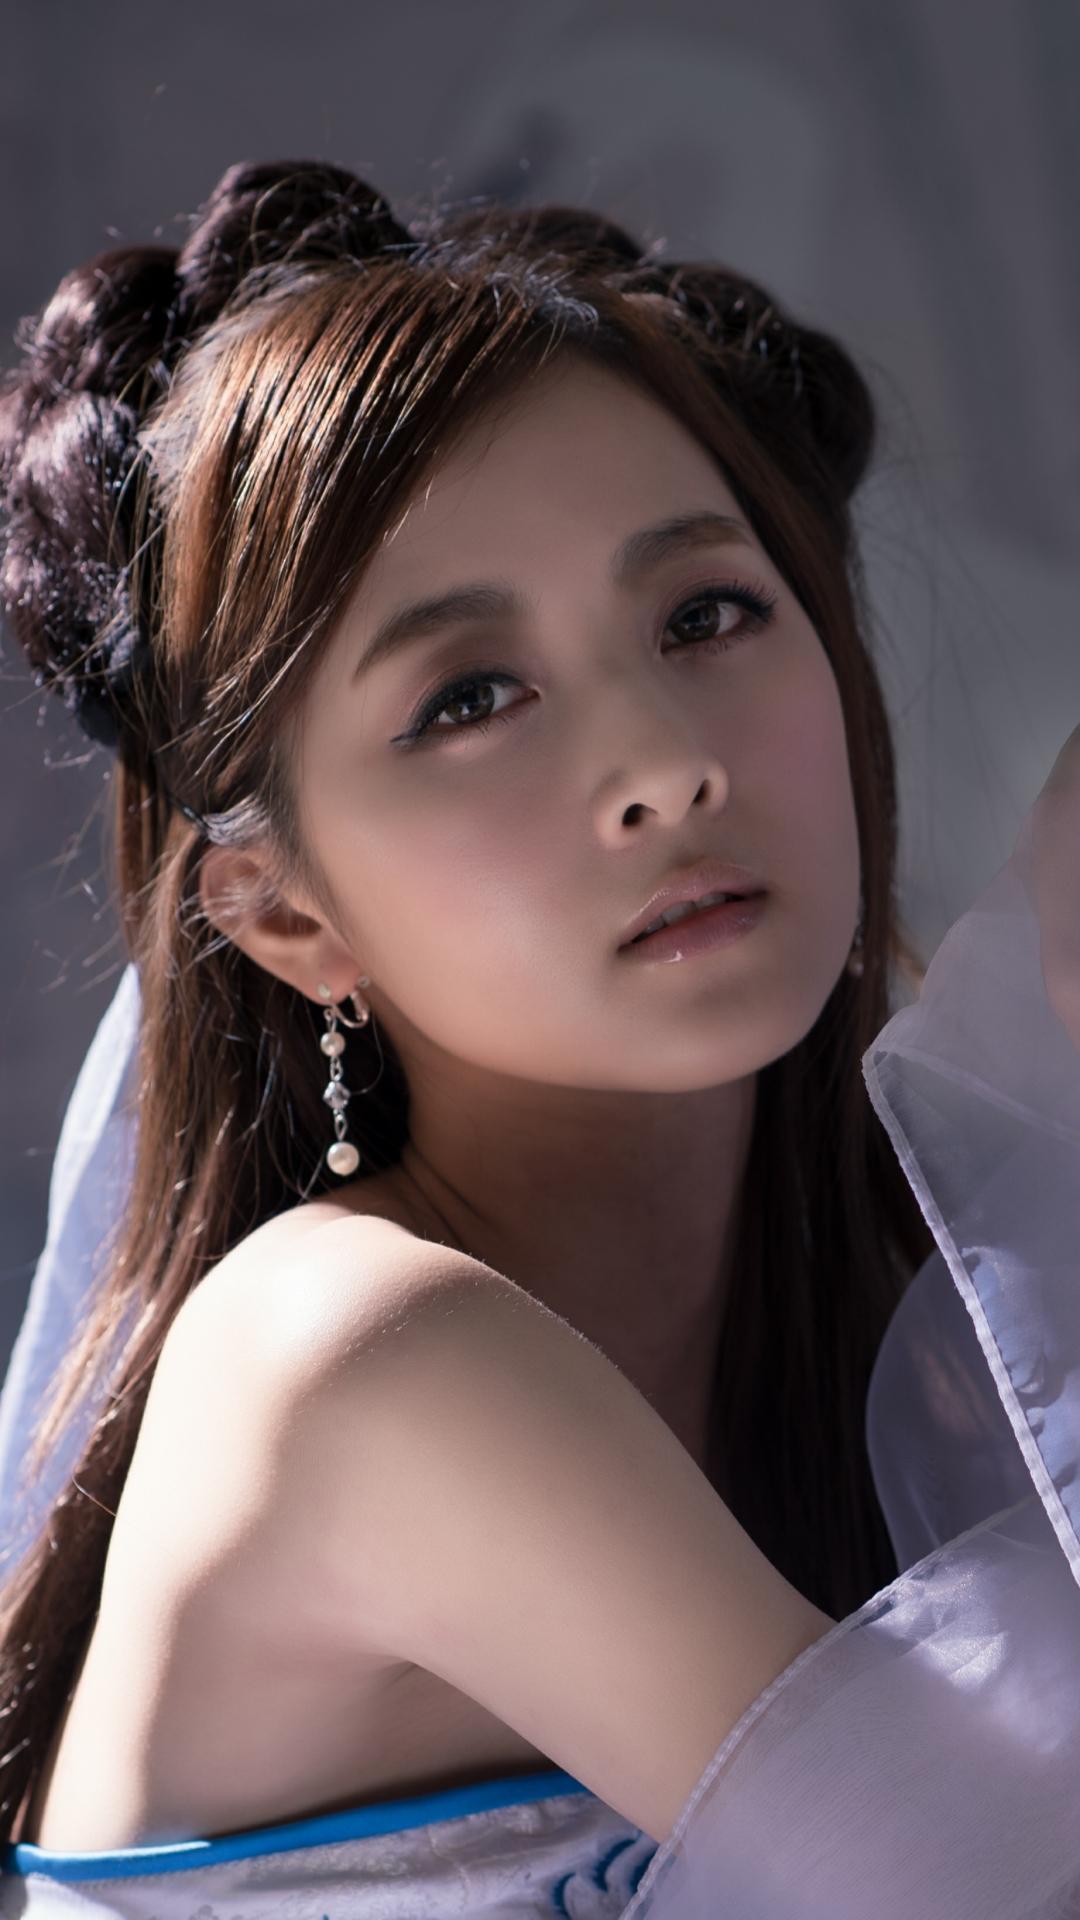 WomenMikako Zhang Kaijie 1080x1920 Wallpaper ID 638158 1080x1920